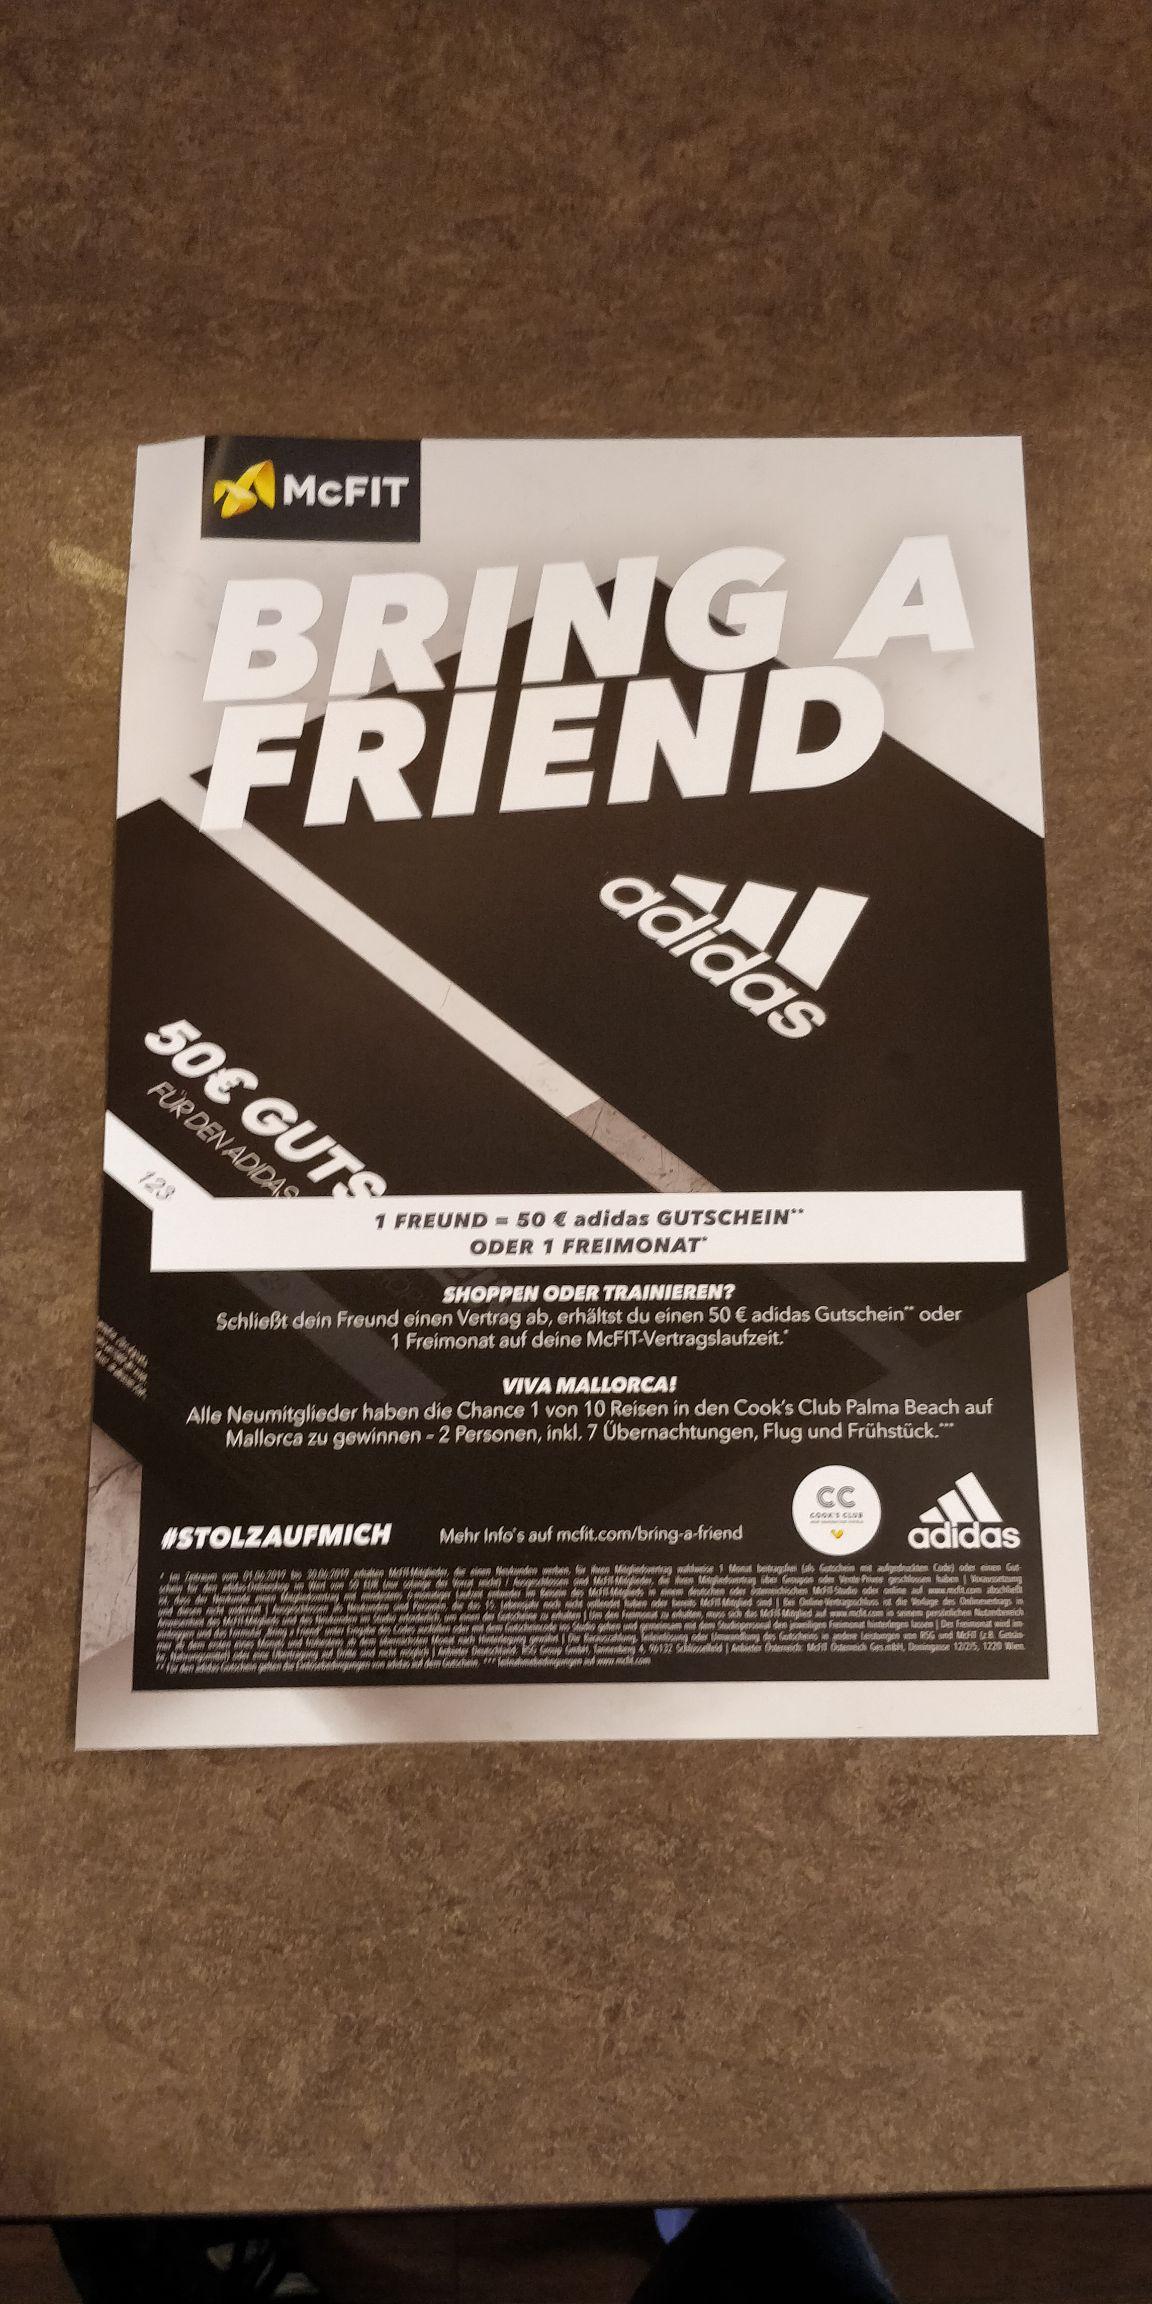 McFit Bring a friend Aktion mit Adidas Gutschein